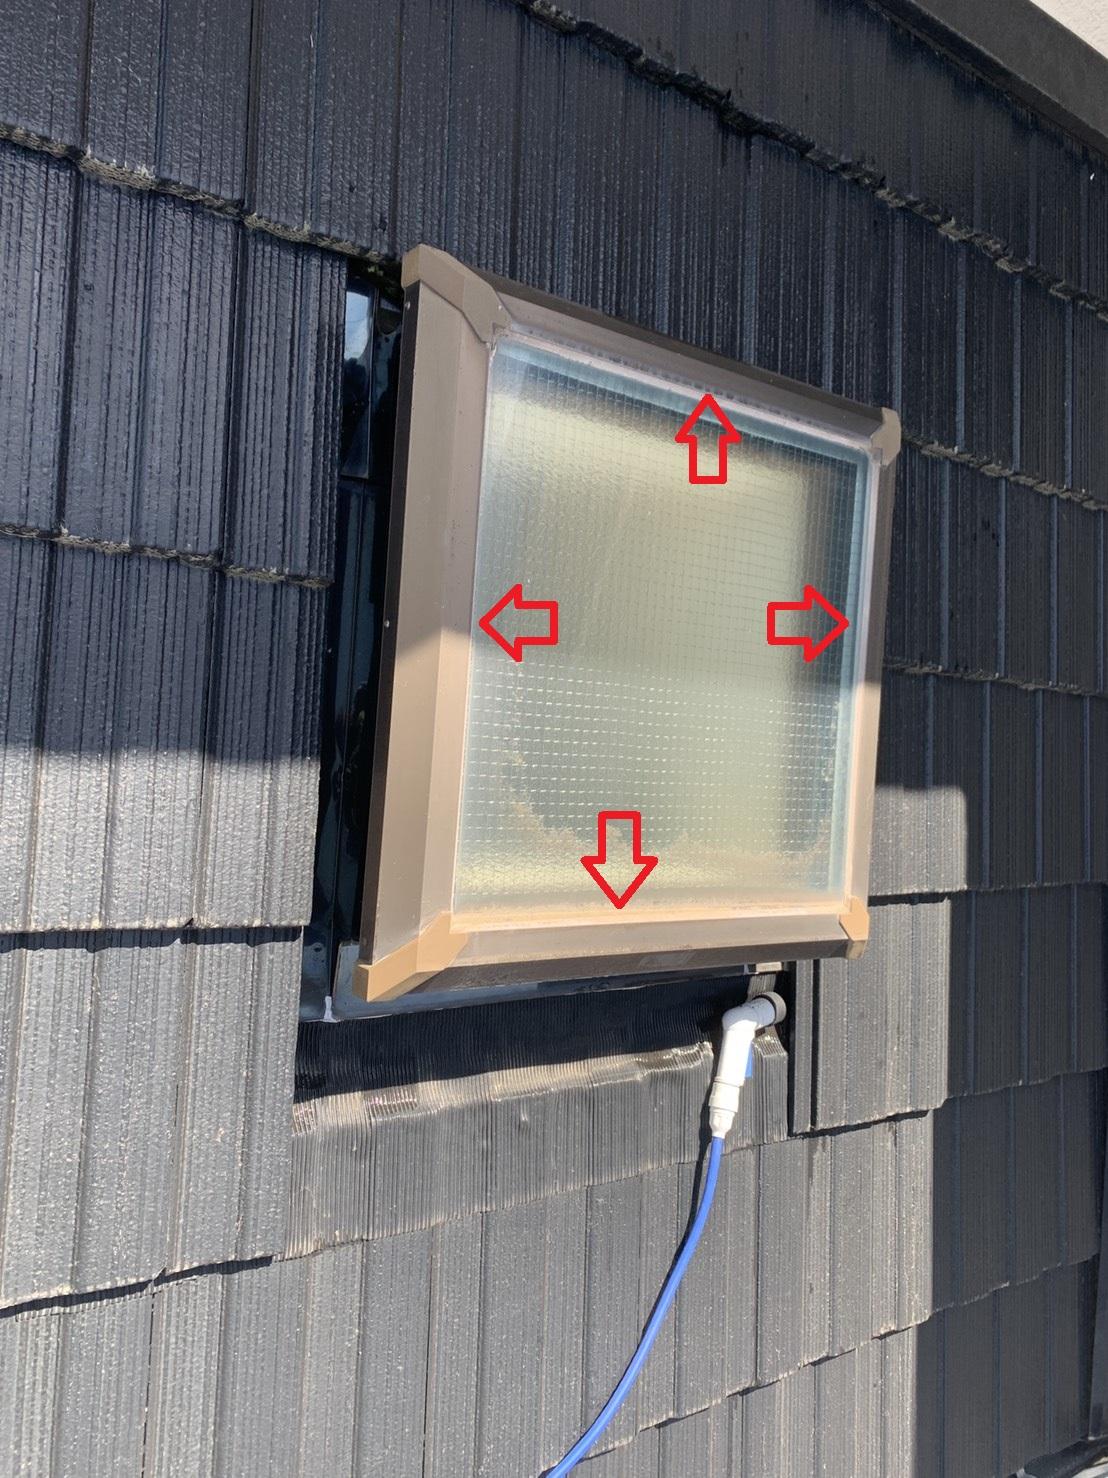 明石市での雨漏り調査で天窓ガラス廻りのコーキングを確認した様子